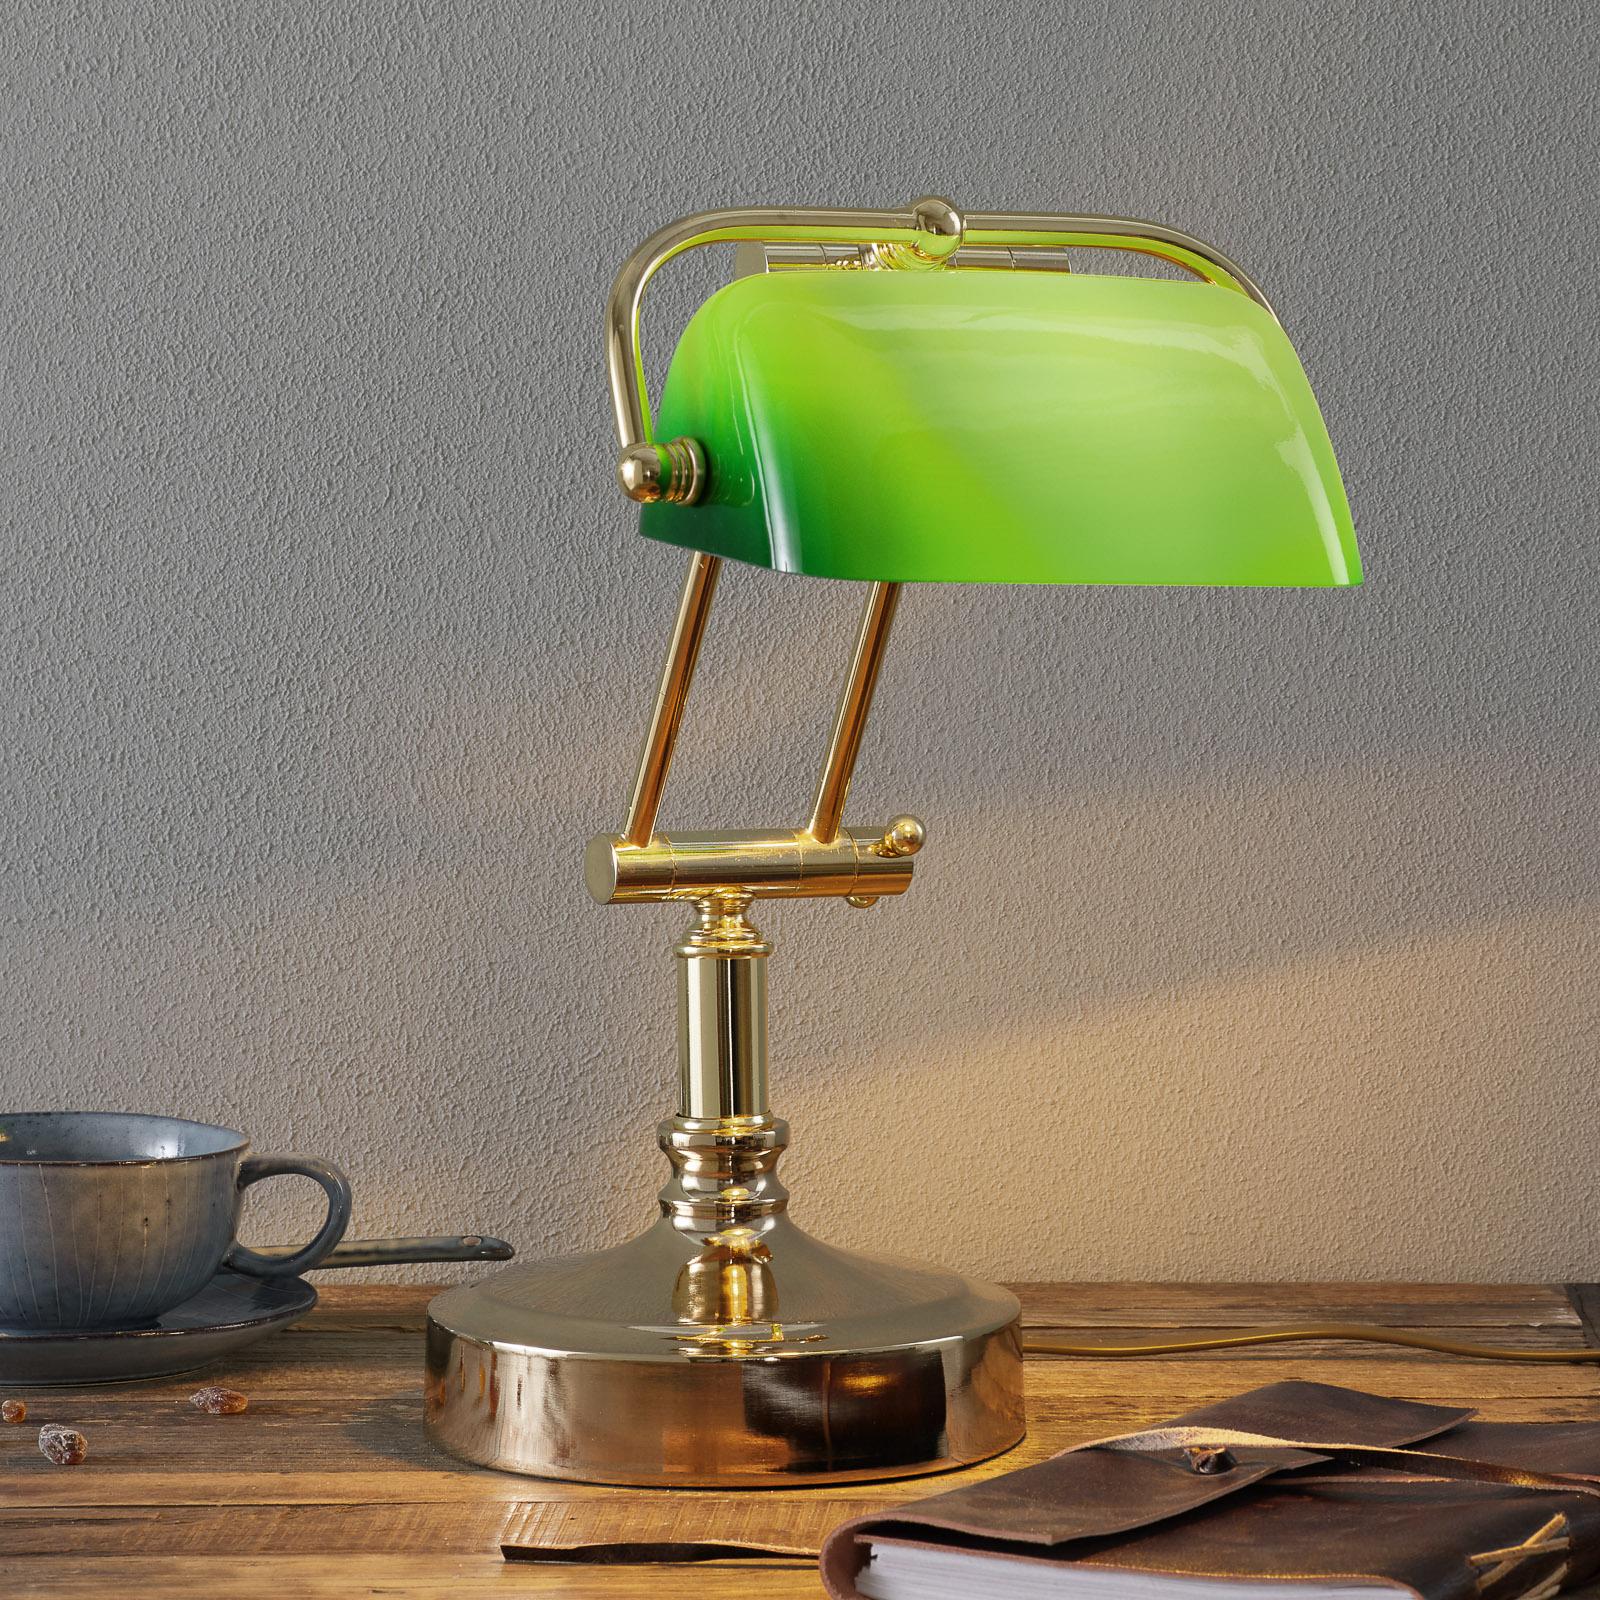 Steve-pankkiirilamppu vihreällä lasivarjostimella